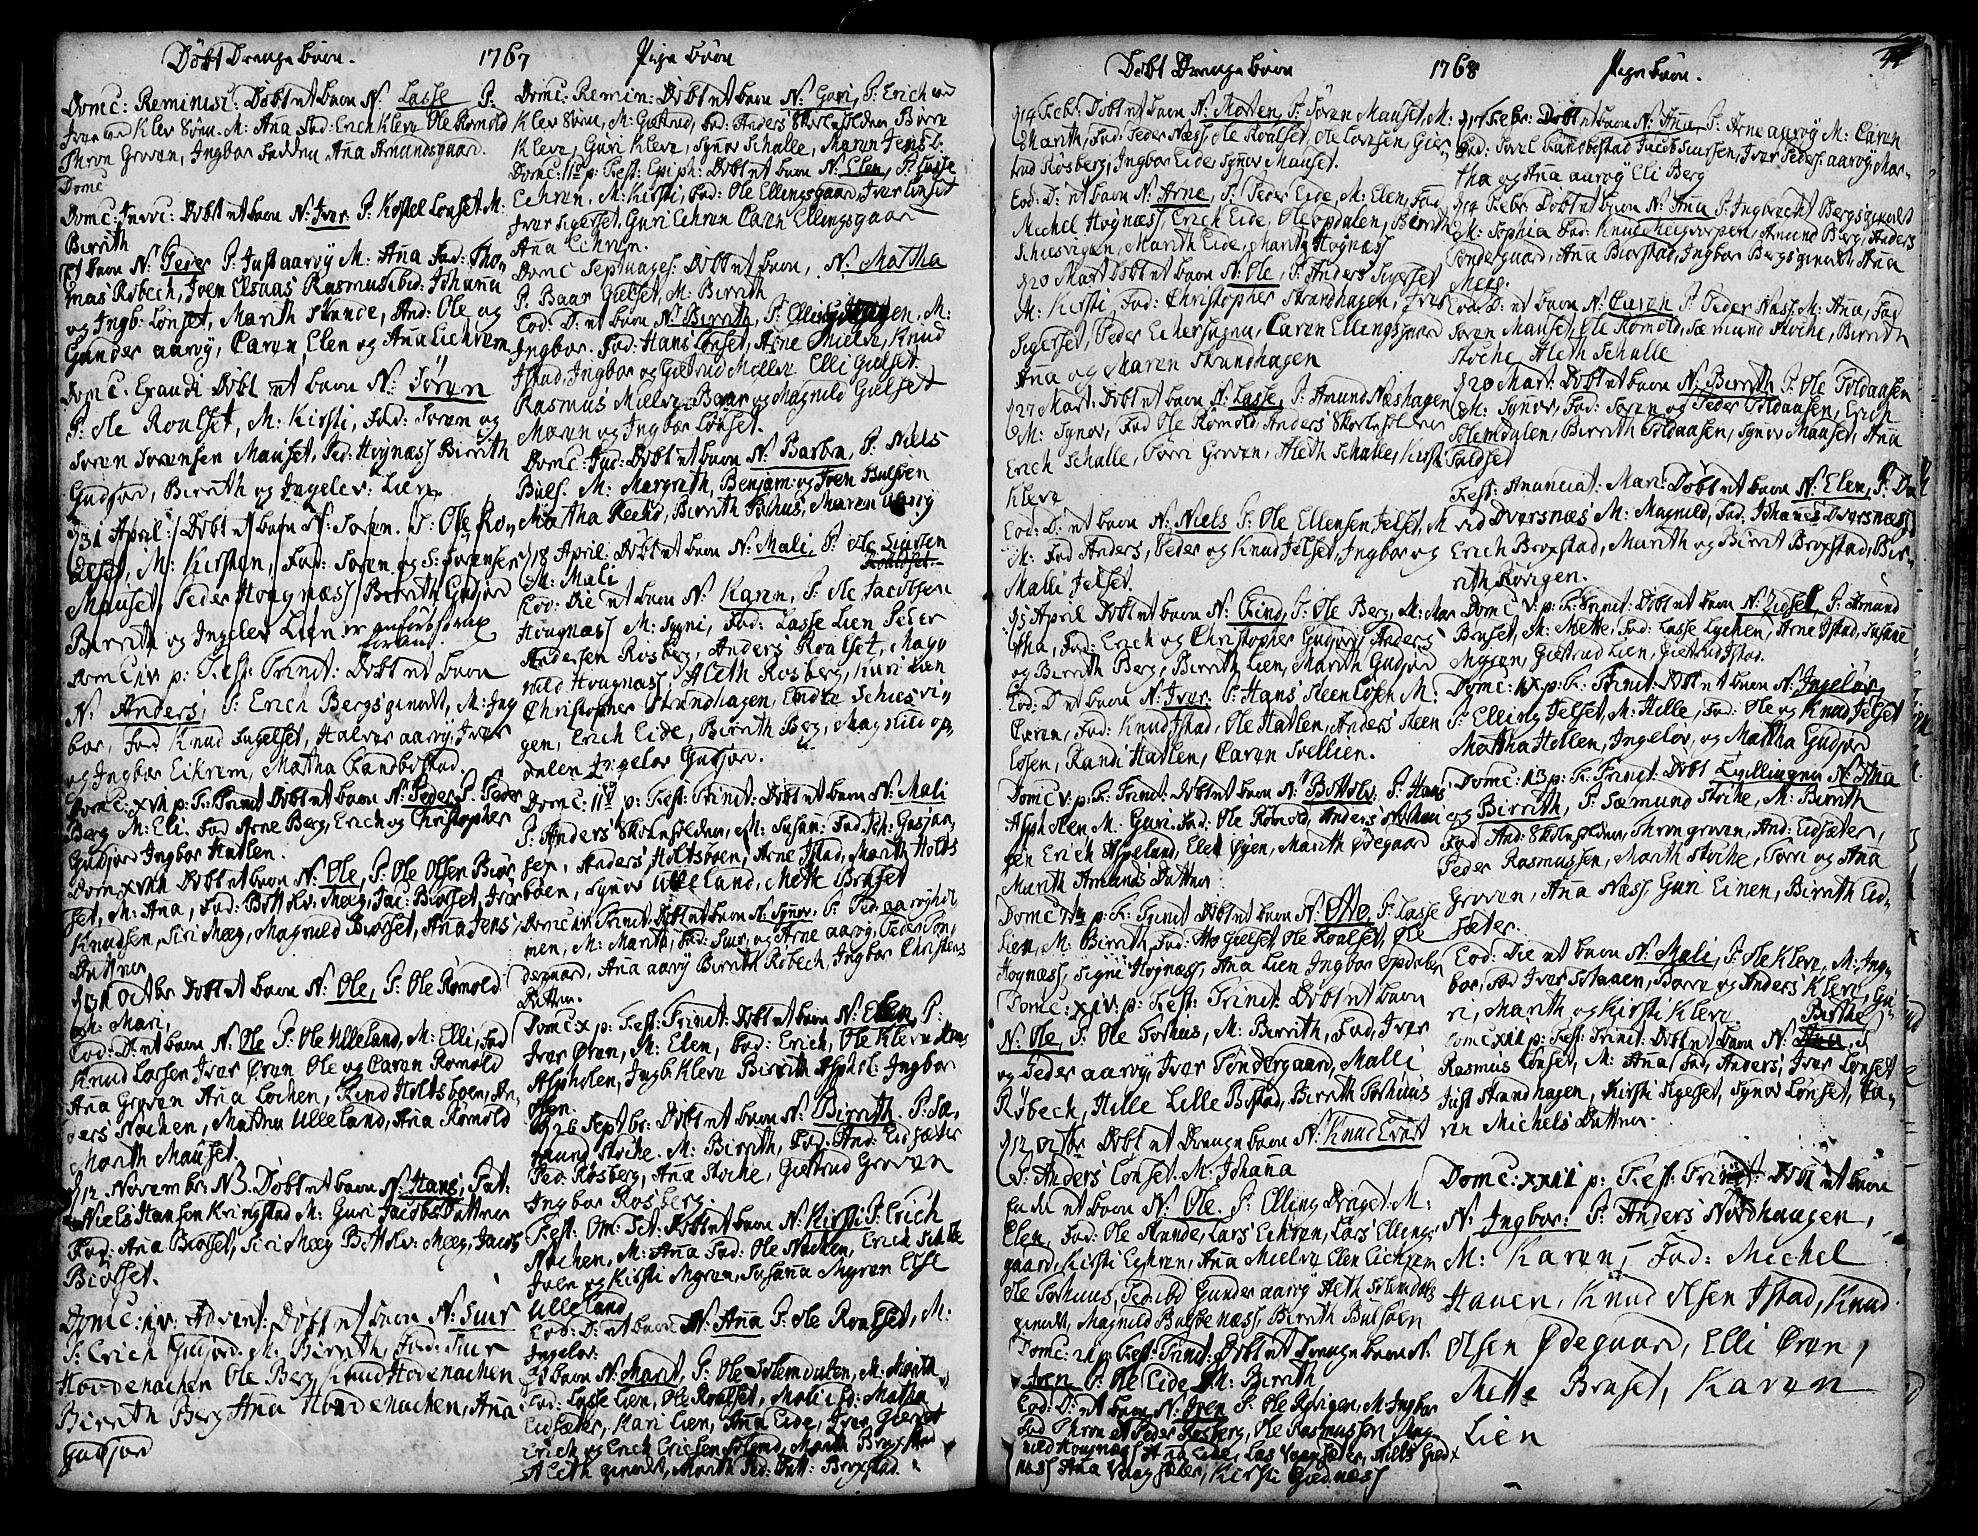 SAT, Ministerialprotokoller, klokkerbøker og fødselsregistre - Møre og Romsdal, 555/L0648: Ministerialbok nr. 555A01, 1759-1793, s. 44